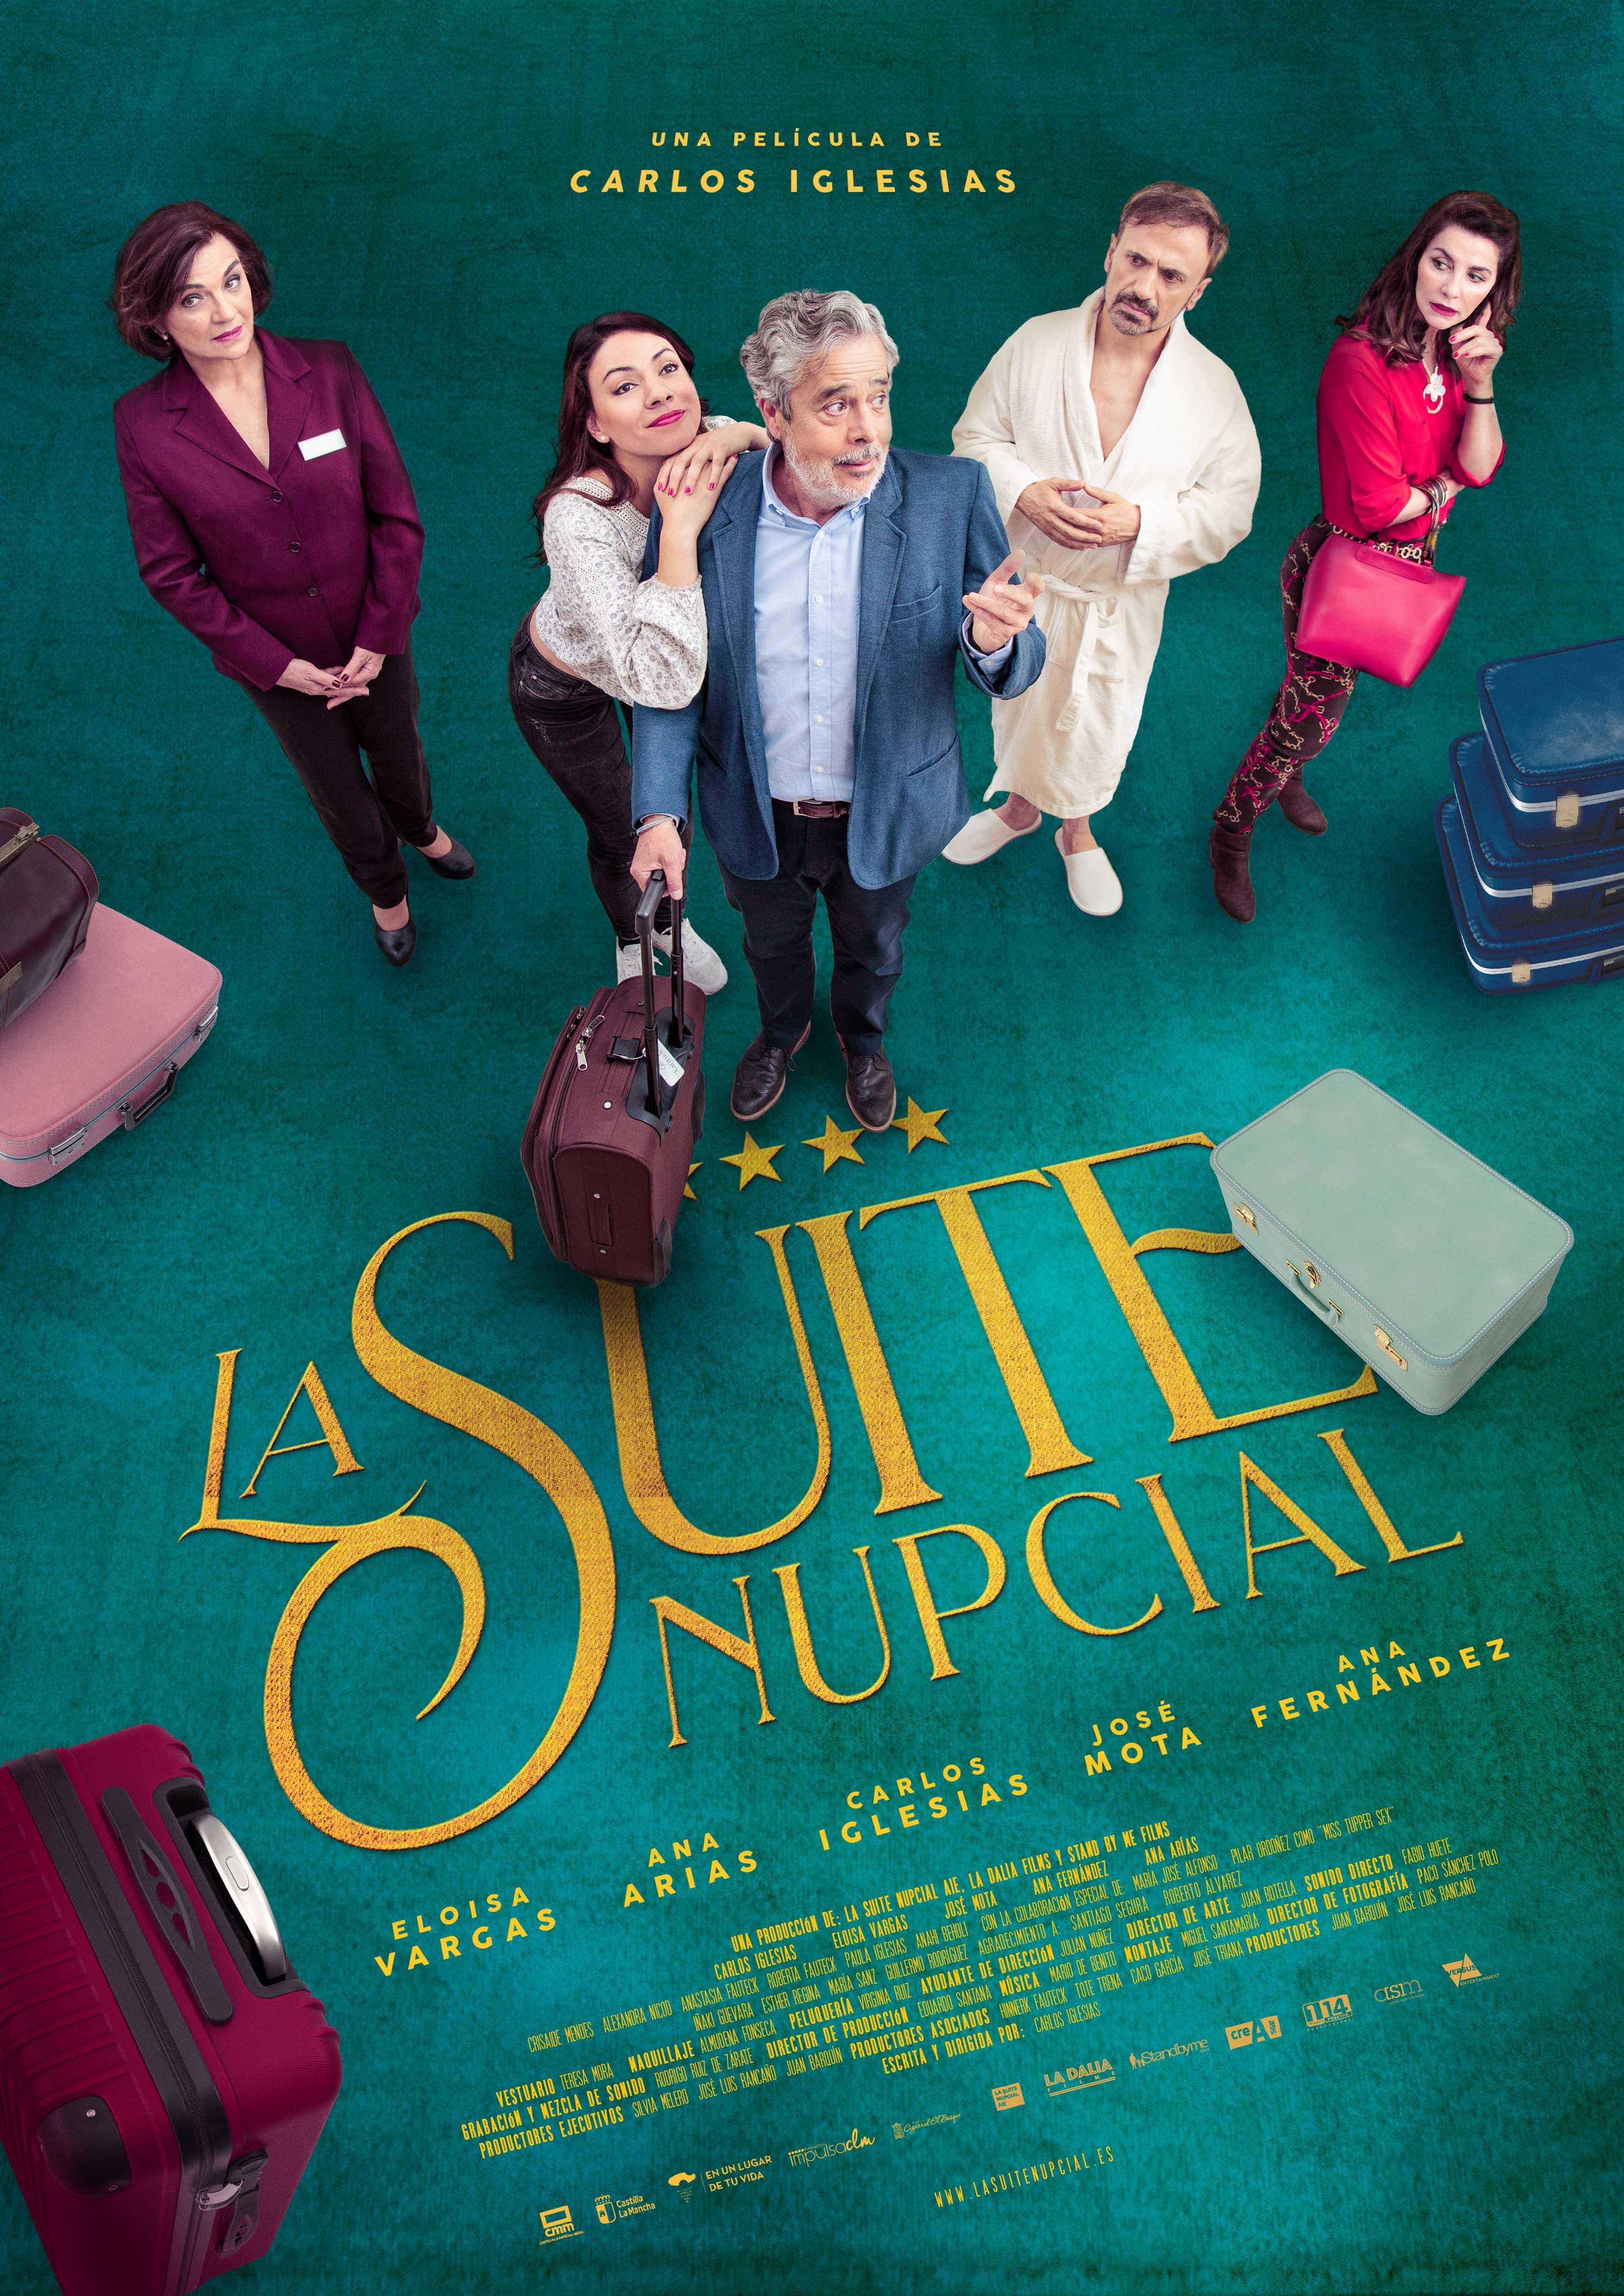 La Suite Nupcial, La última Comedia De Carlos Iglesias, El 10 De Enero En Cines